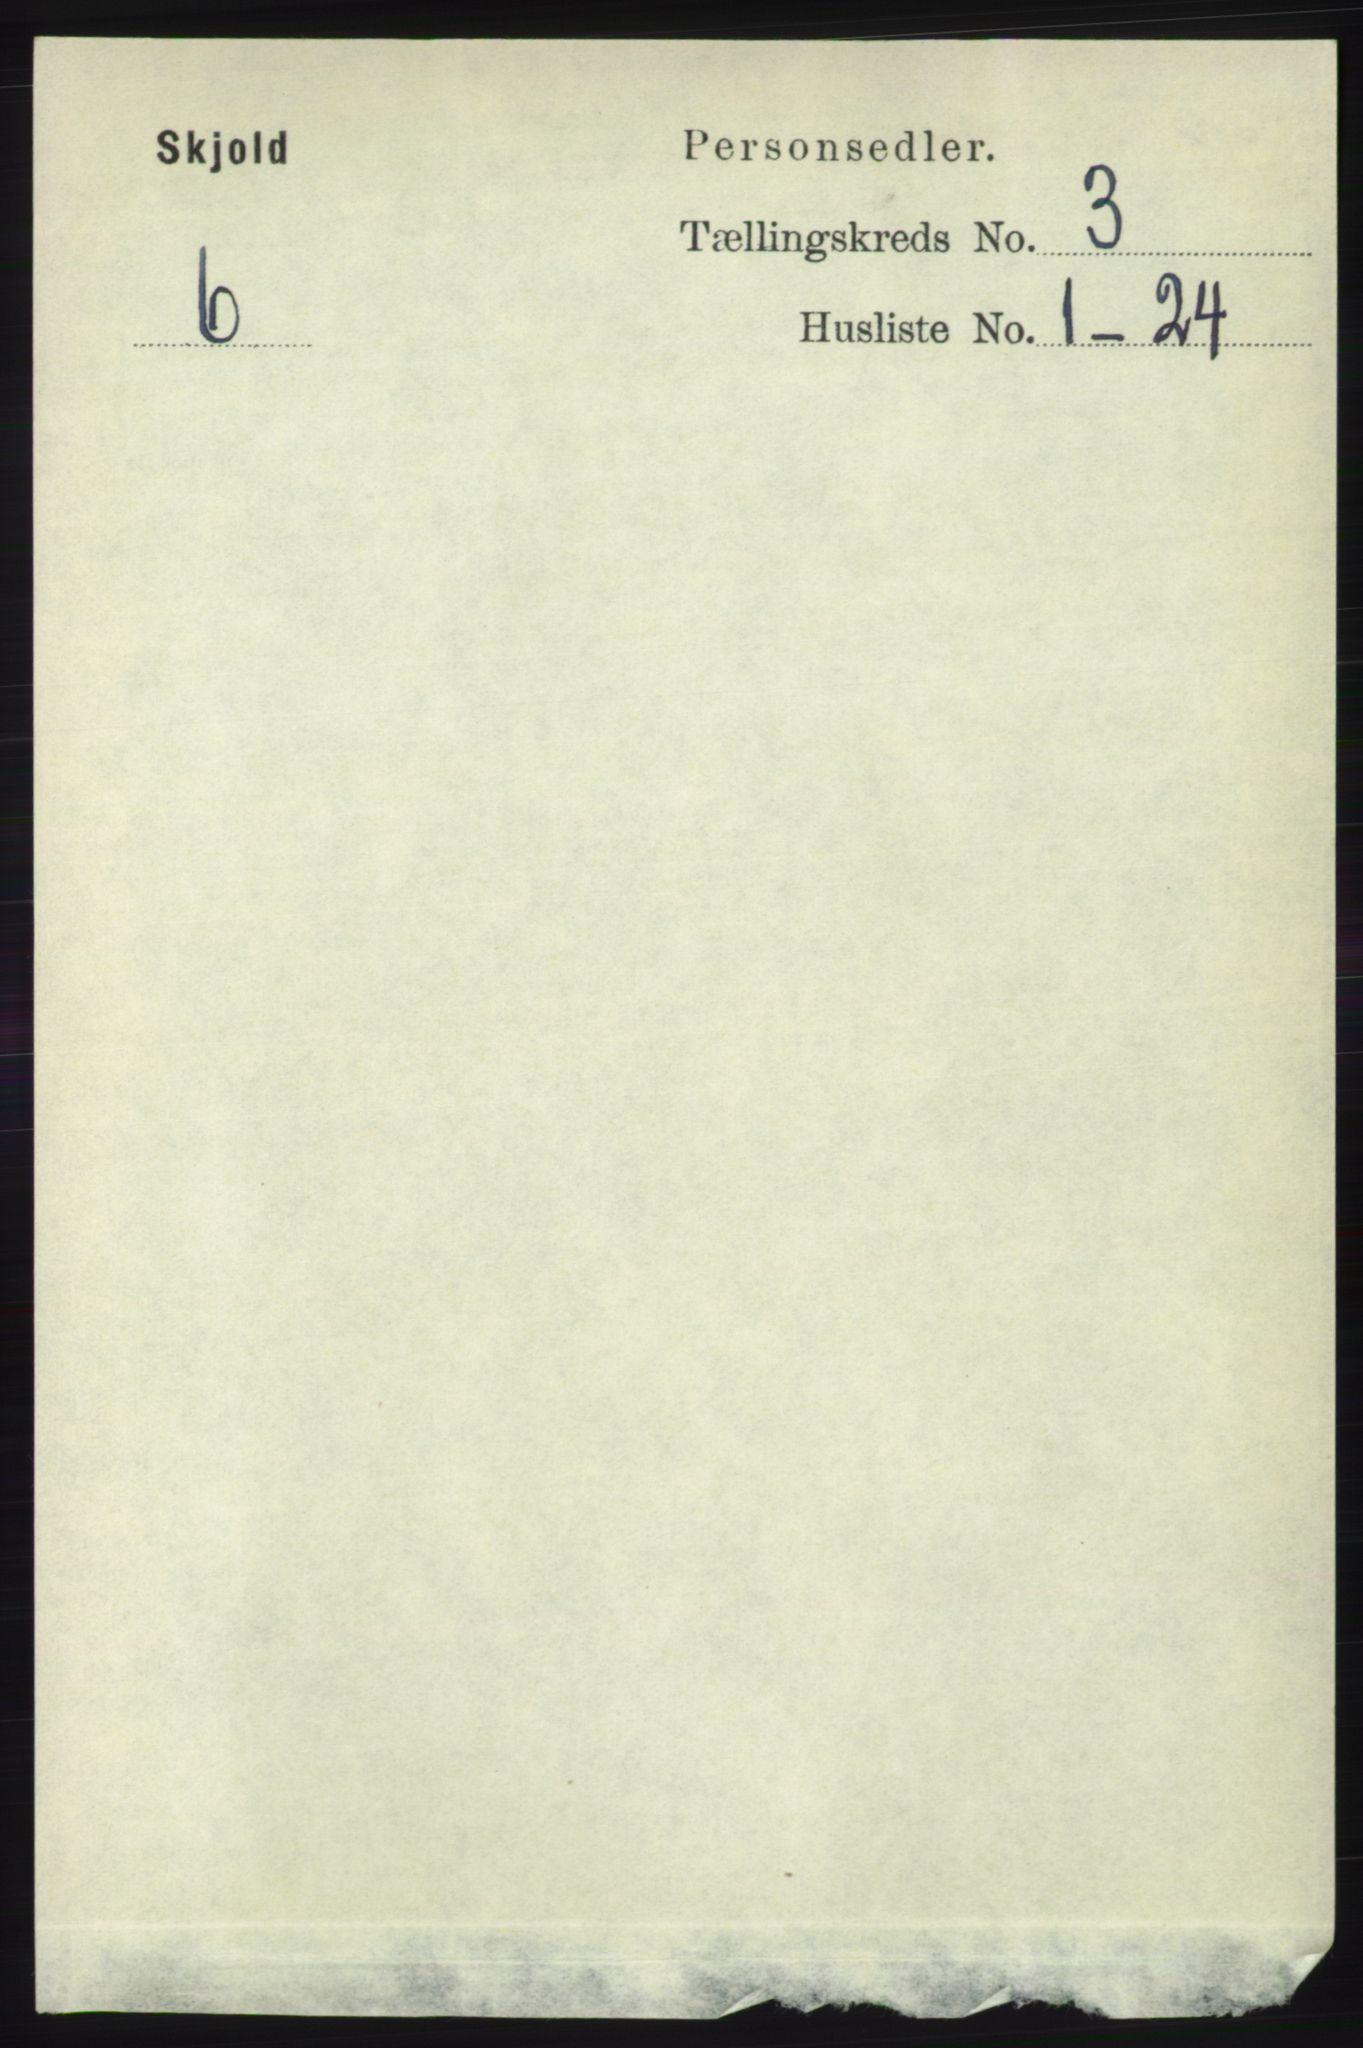 RA, Folketelling 1891 for 1154 Skjold herred, 1891, s. 384